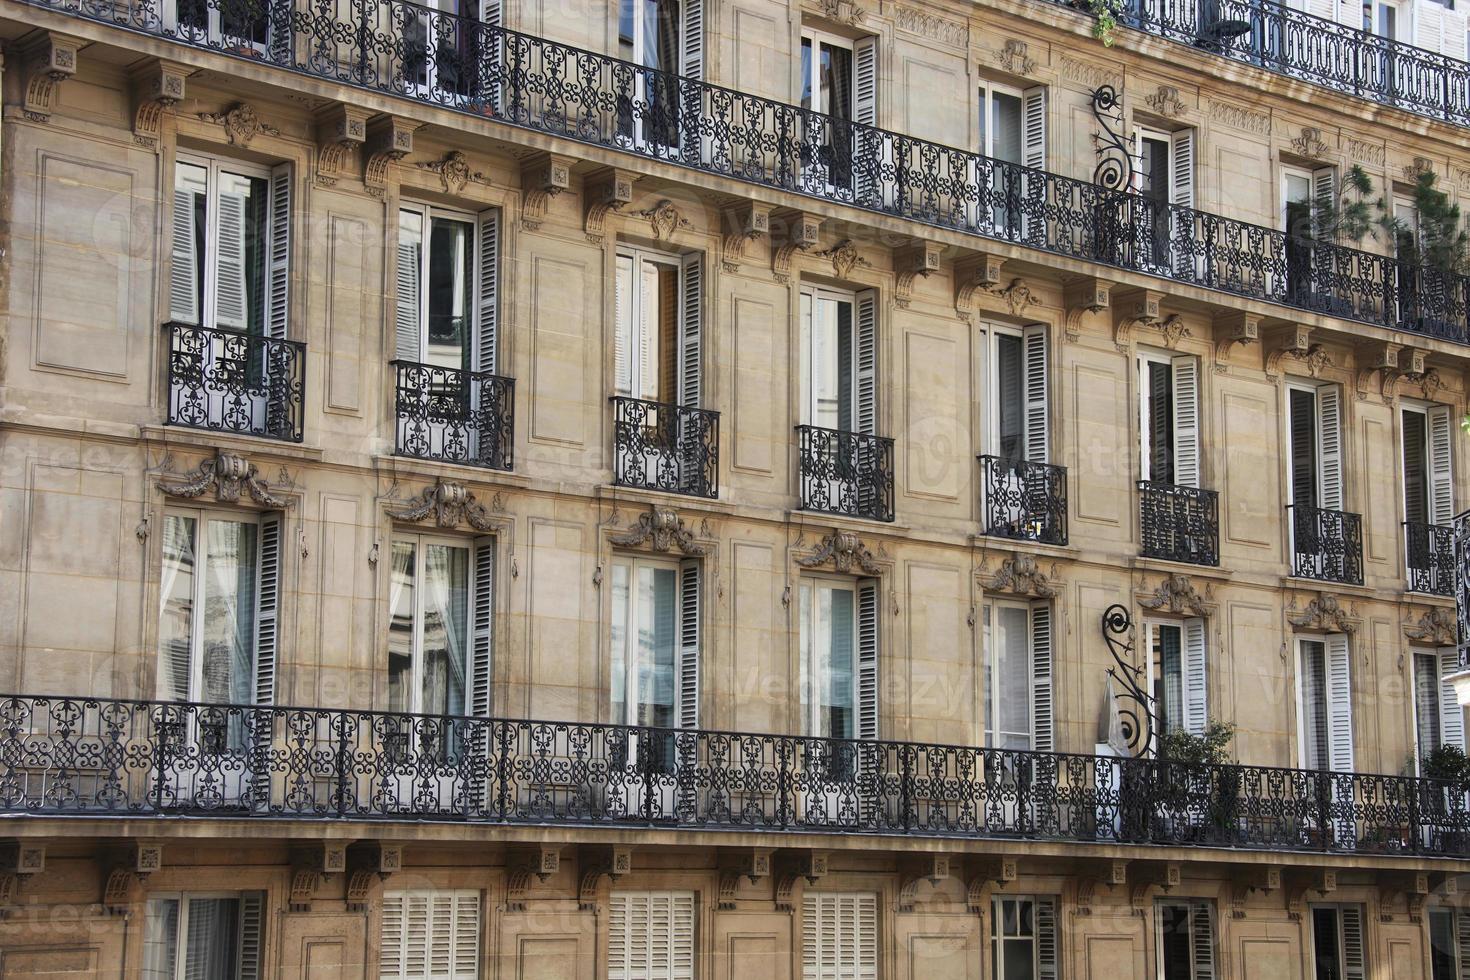 la facciata, finestre e balconi delle case foto